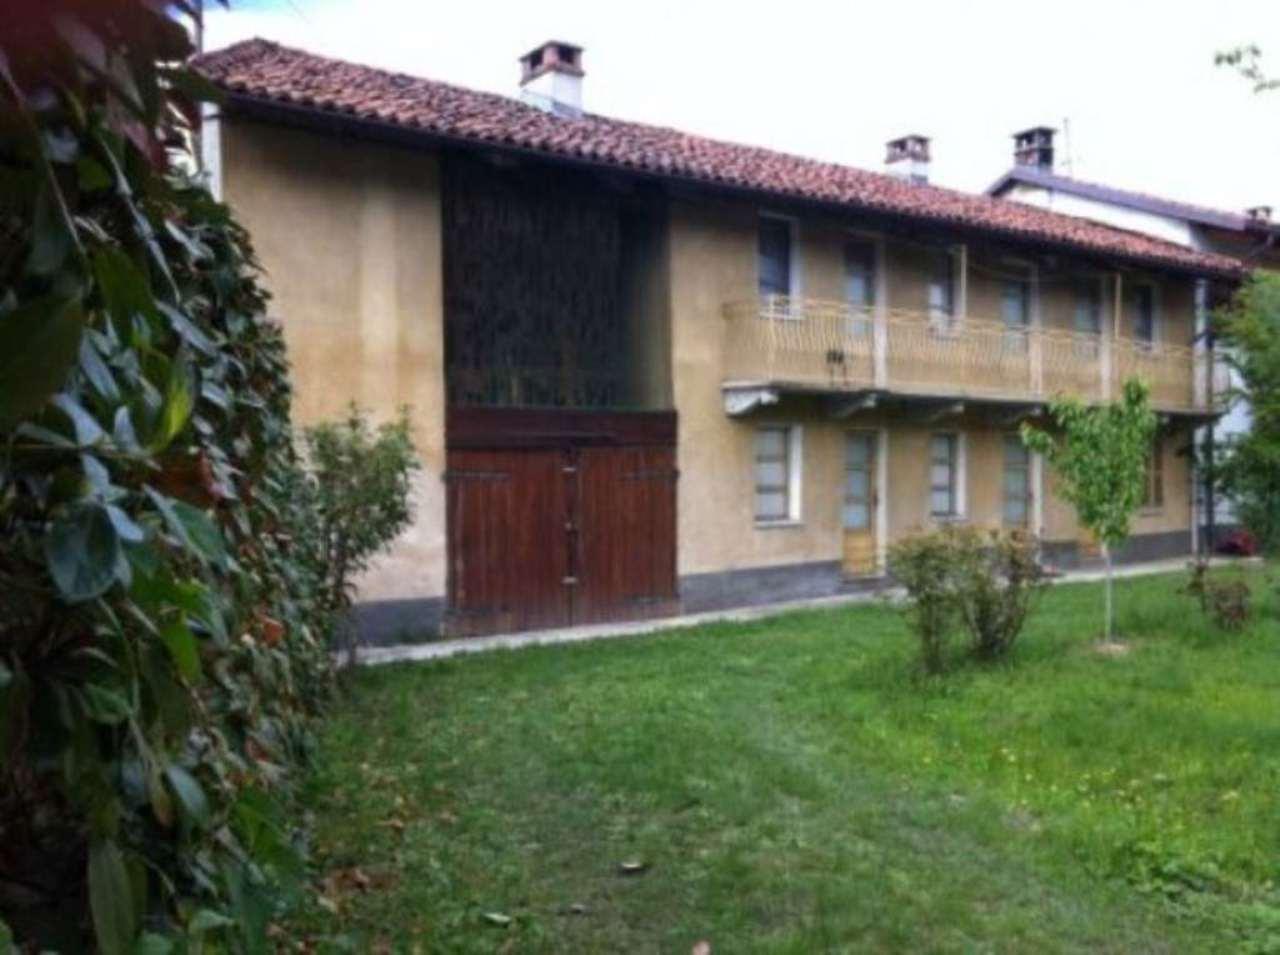 Rustico / Casale in vendita a Valfenera, 6 locali, prezzo € 98.000   Cambio Casa.it